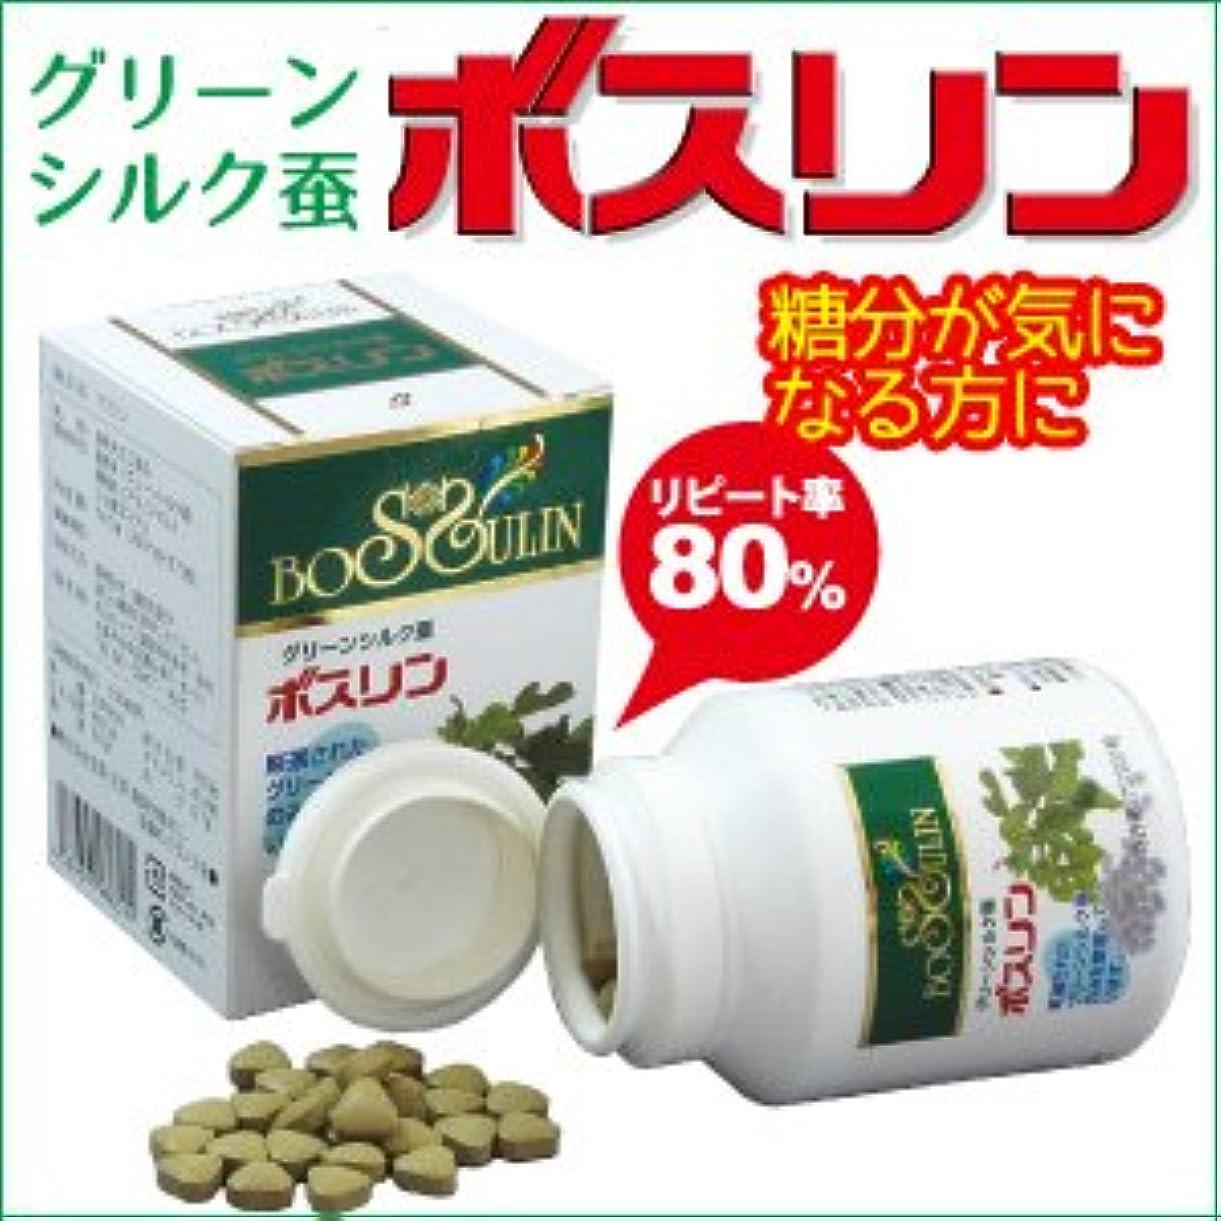 灌漑なぞらえる無臭ボスリン 桑の葉を主食とする厳選された蚕を使用したグリーンシルク蚕(蚕粉末)を配合!